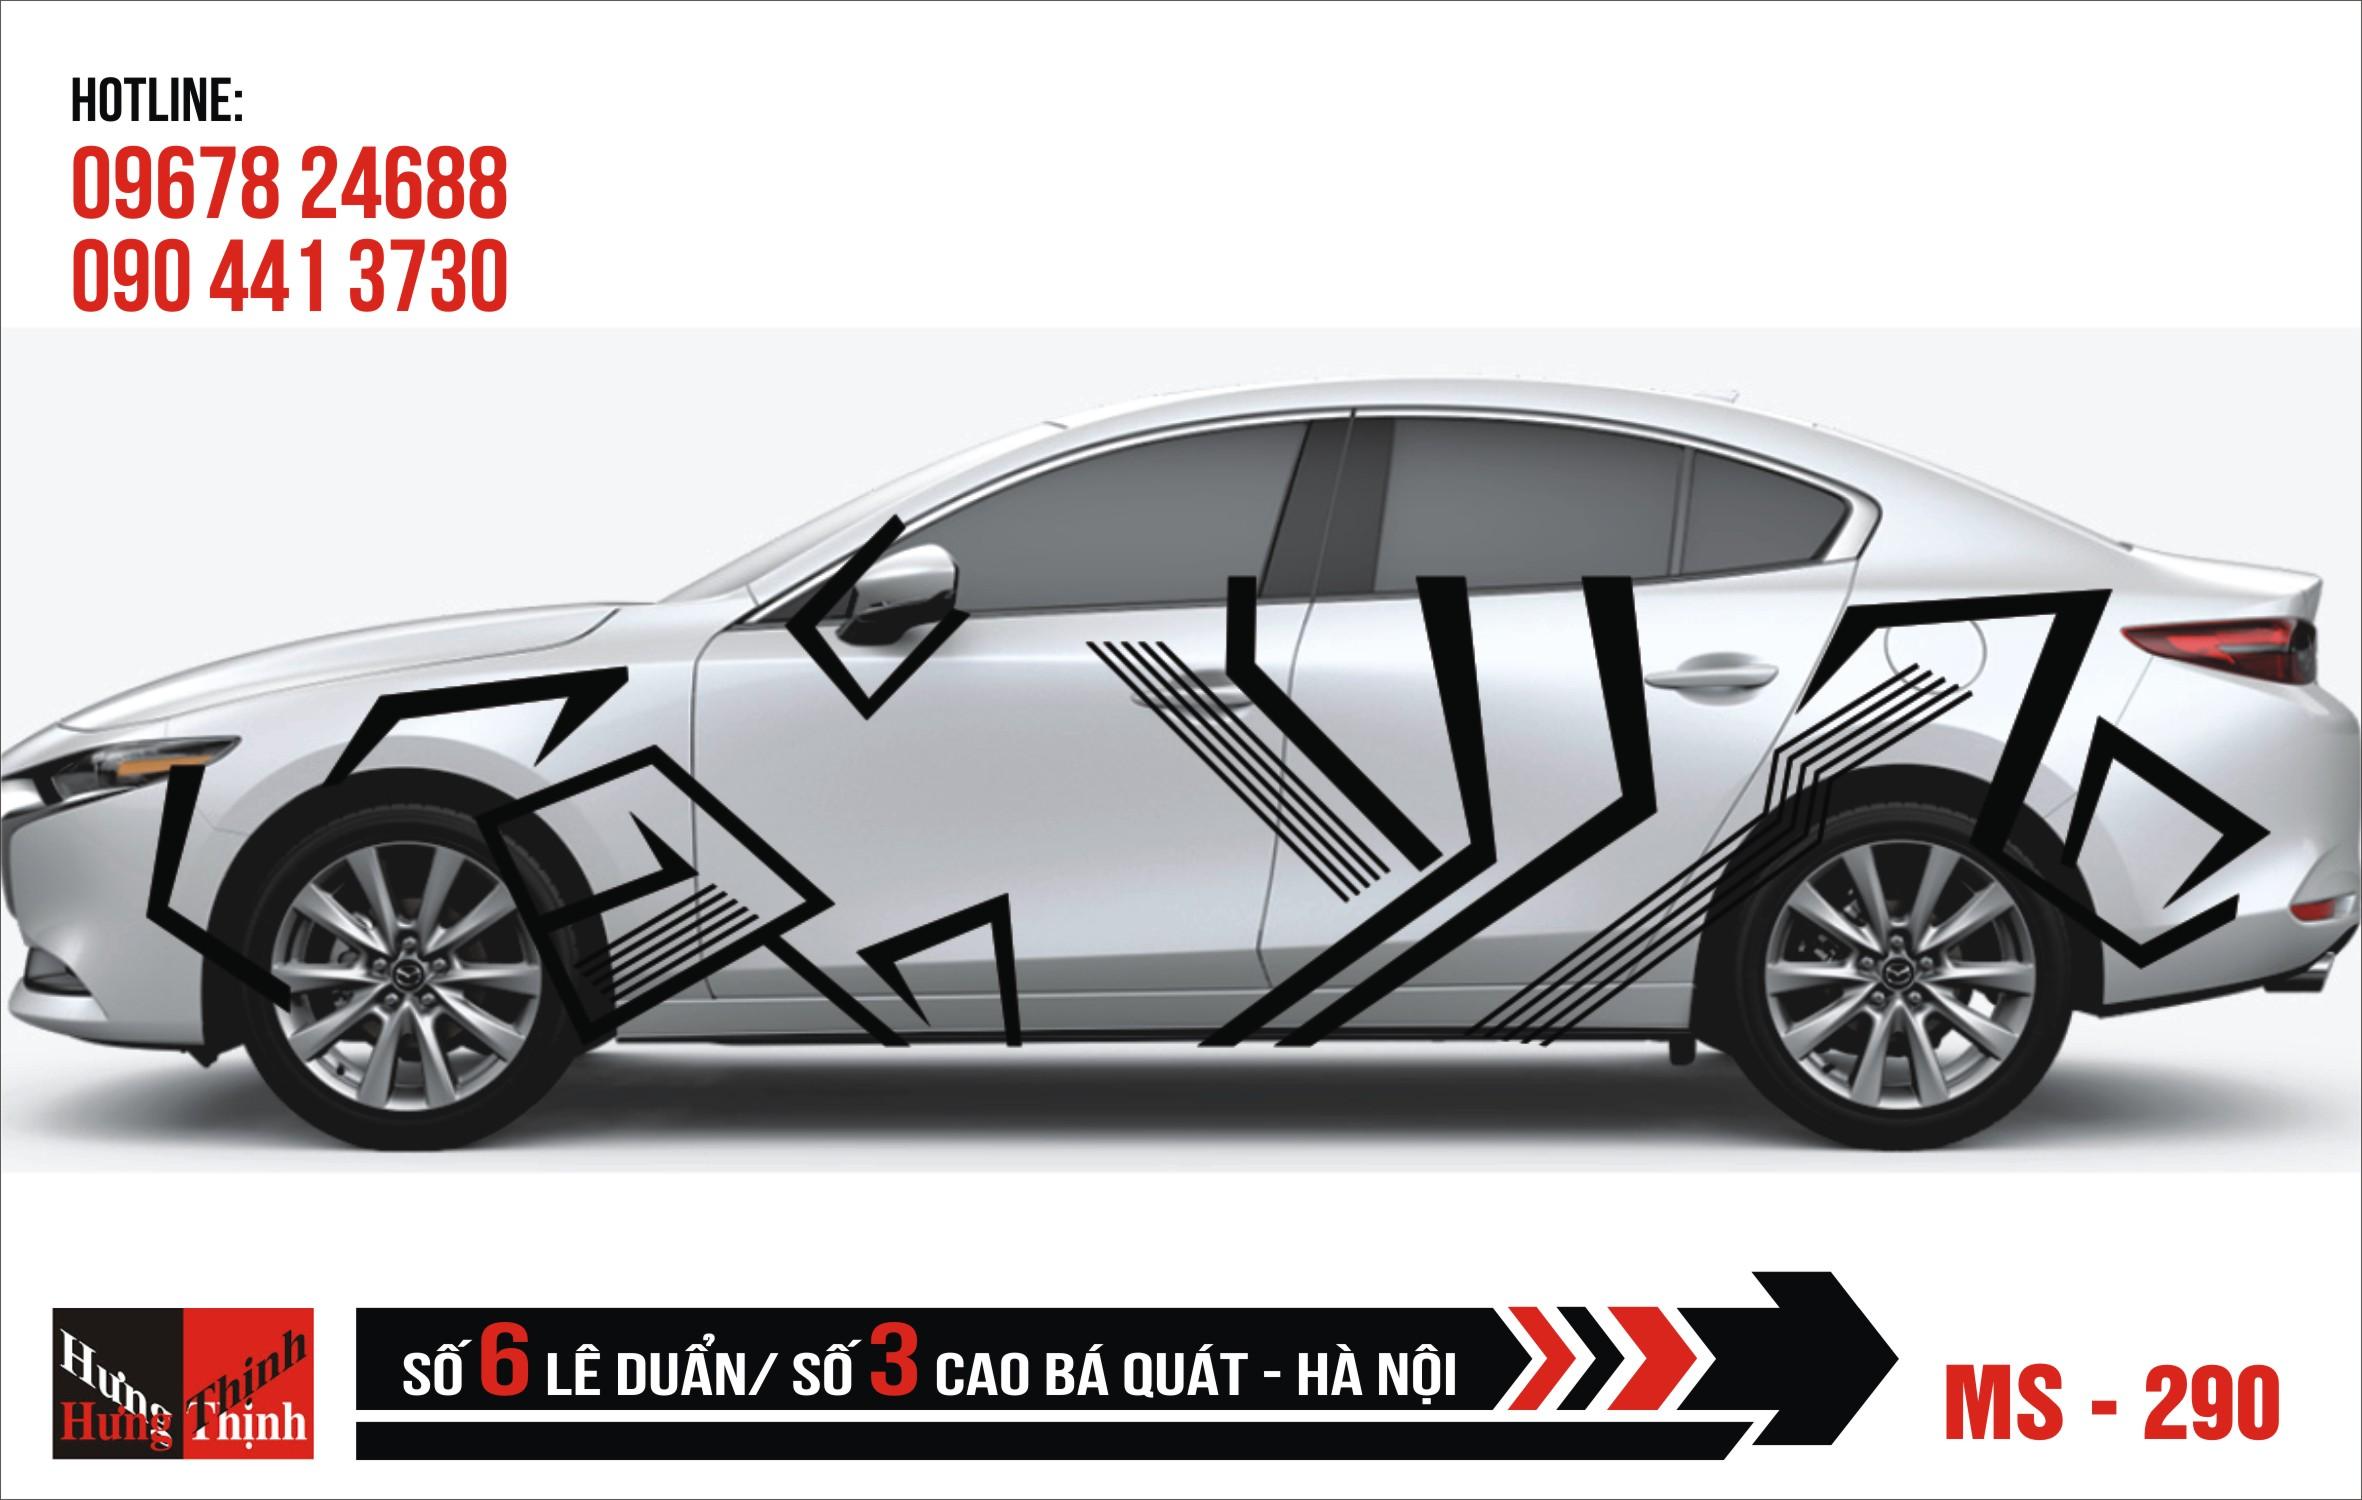 Tem Xe ô tô 4 chỗ – 290